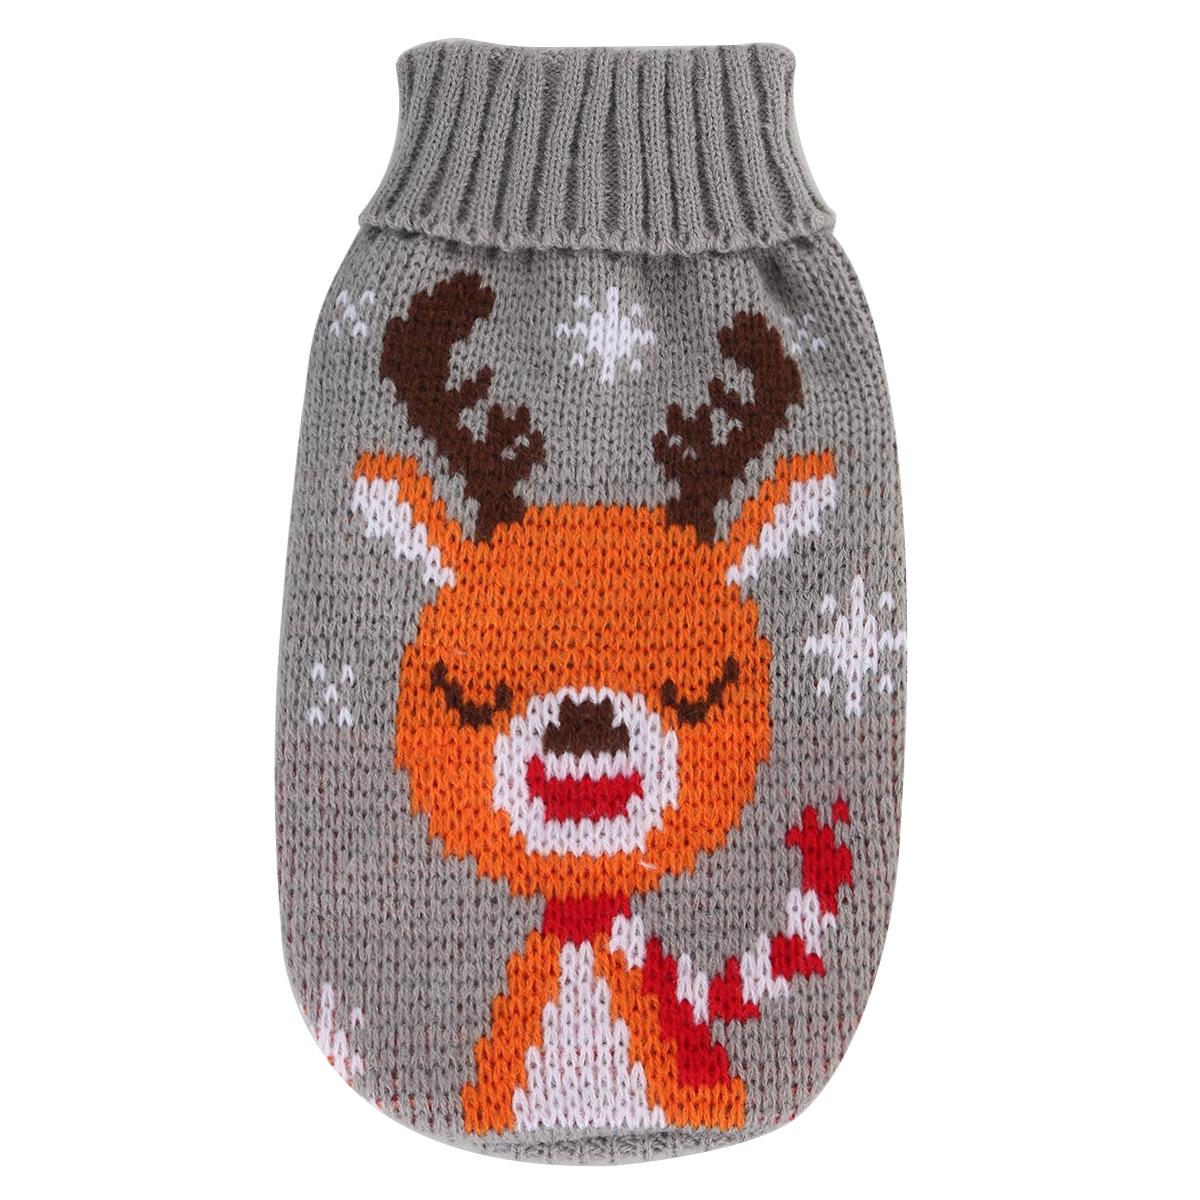 Suéter tejido de invierno para mascotas gris ropa para perros lindo patrón de alce tejido suéter para mascotas adecuado para el desgaste diario del Festival ropa de calle